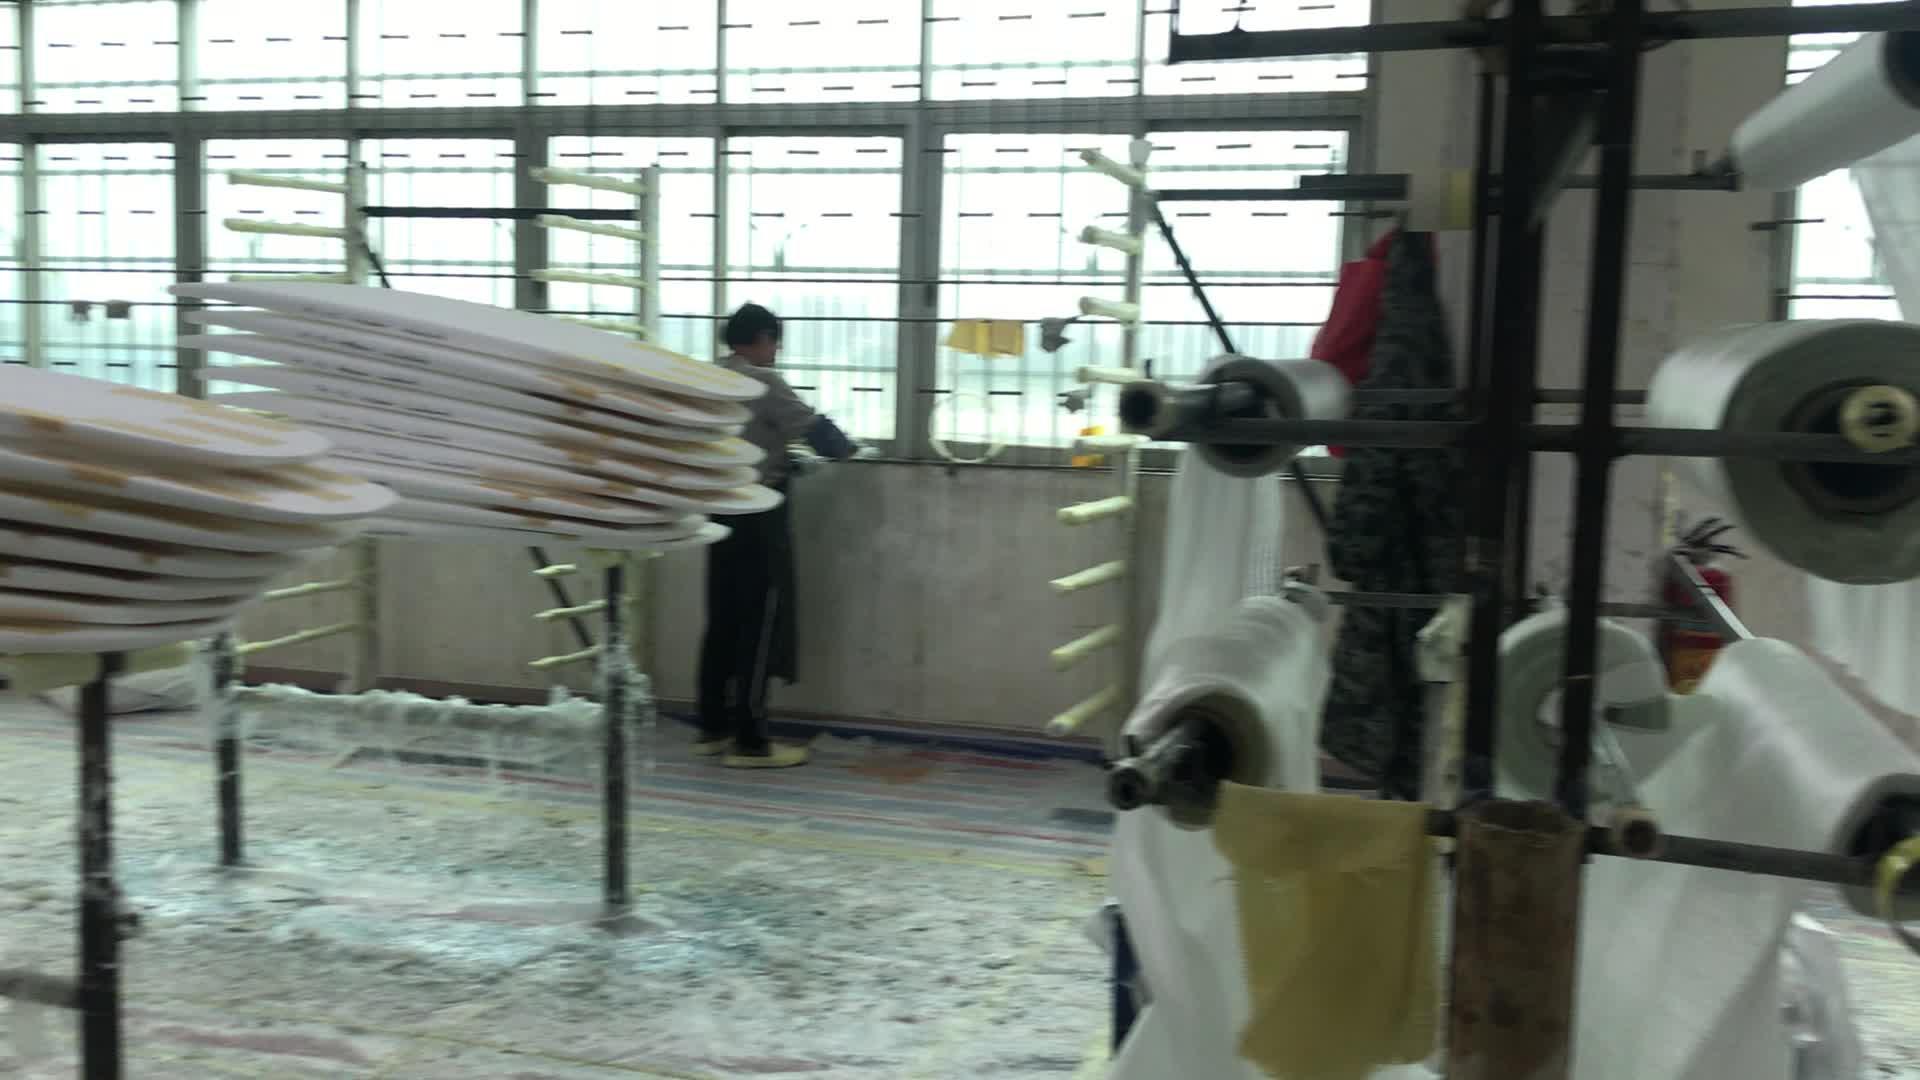 2019 OEM EPS Foam Surfboards ไฟเบอร์กลาสที่กำหนดเองกระดานโต้คลื่นอีพ็อกซี่